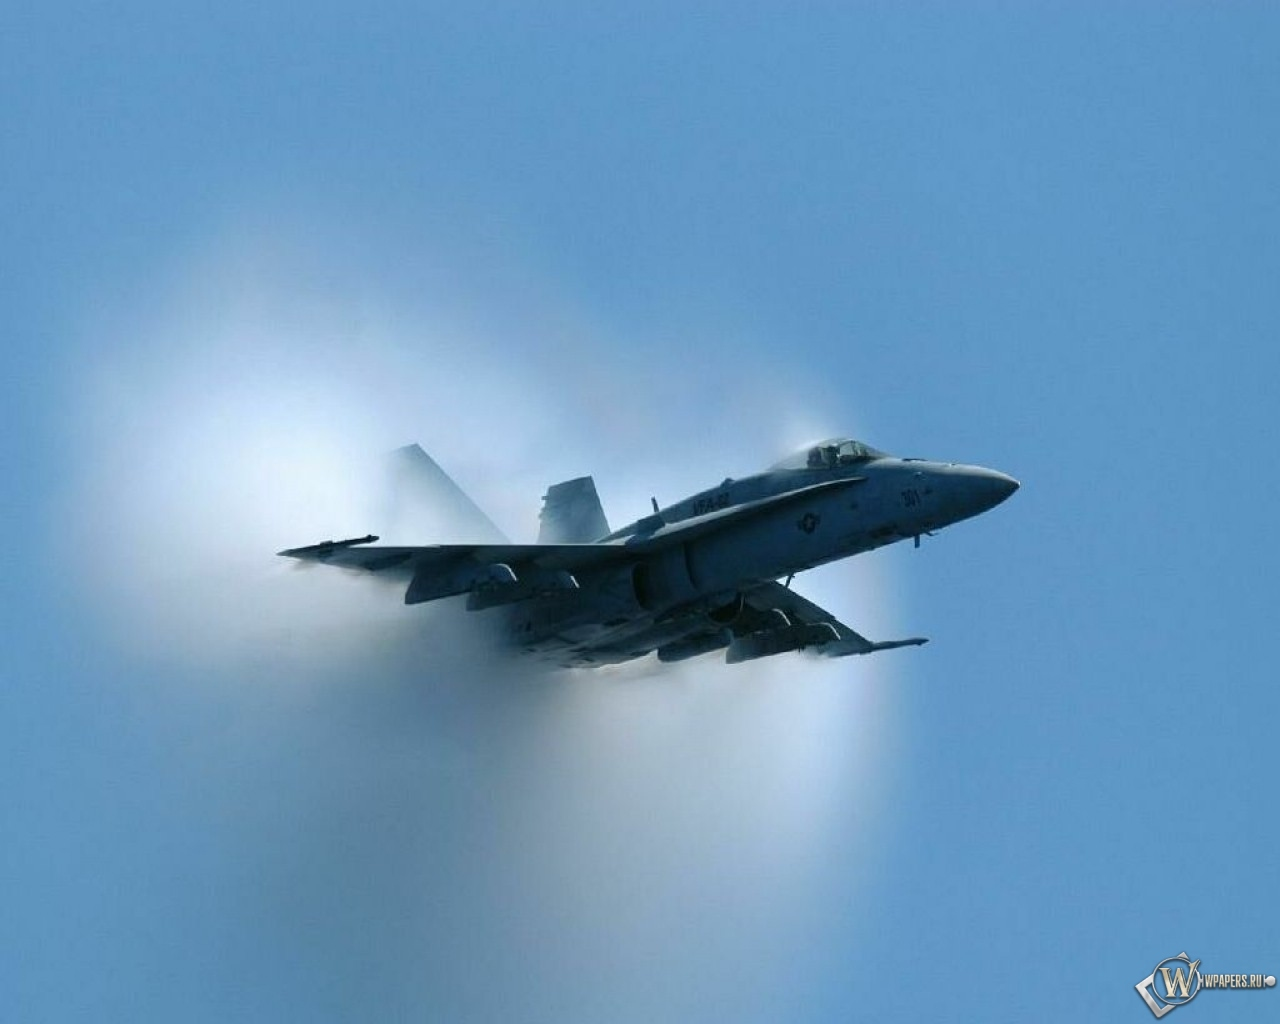 F 18 Hornet Ucak Resimleri 1280x1024